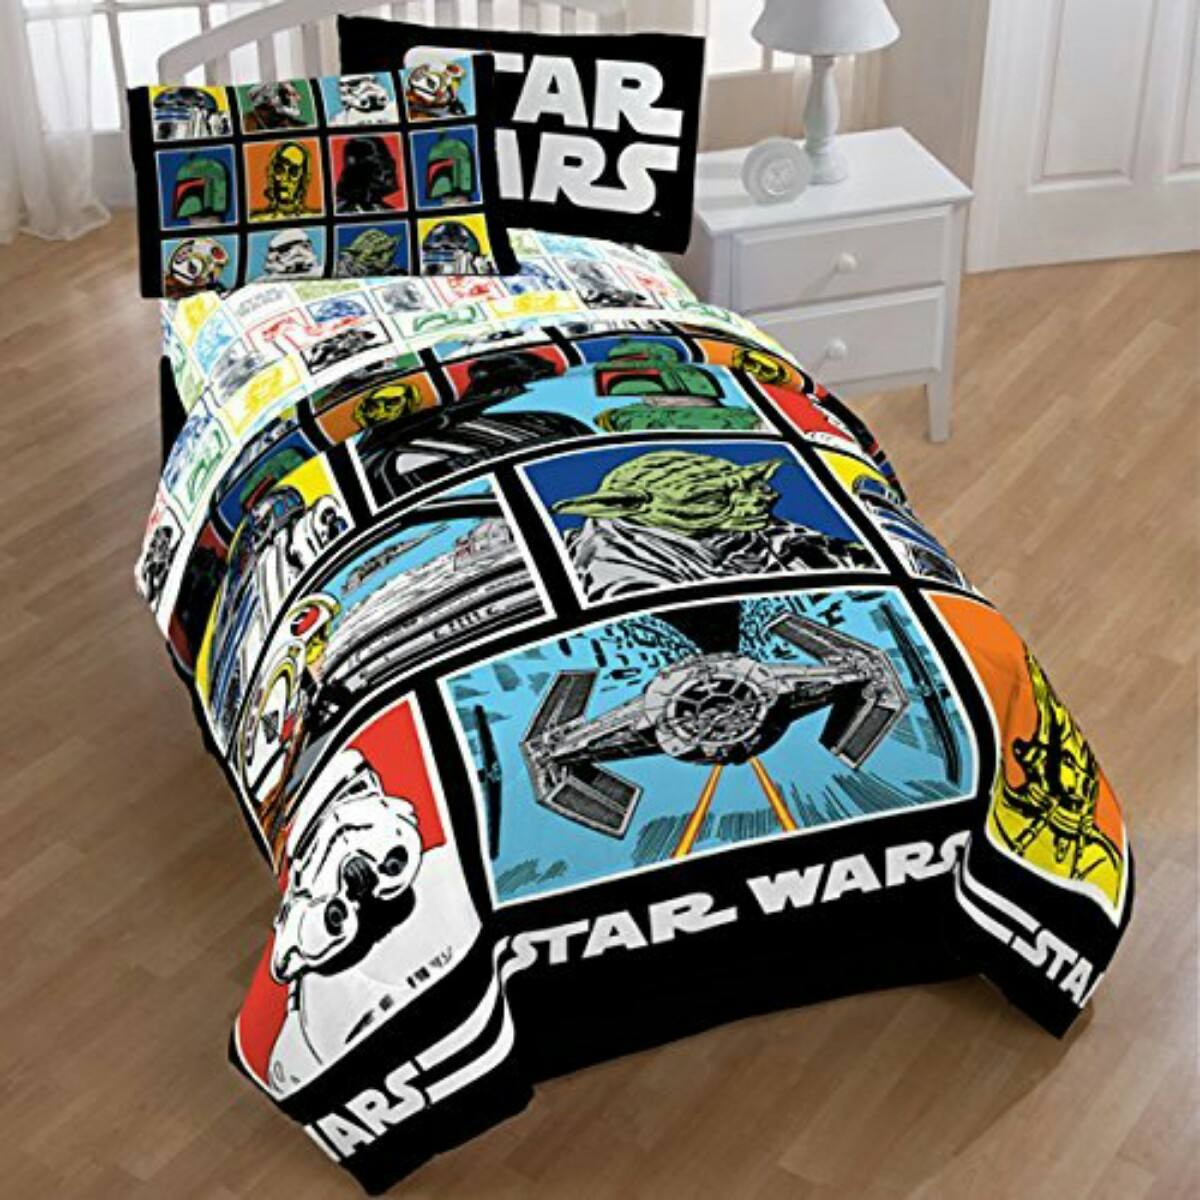 Set De Edredon De Star Wars   $ 2,150.00 en Mercado Libre